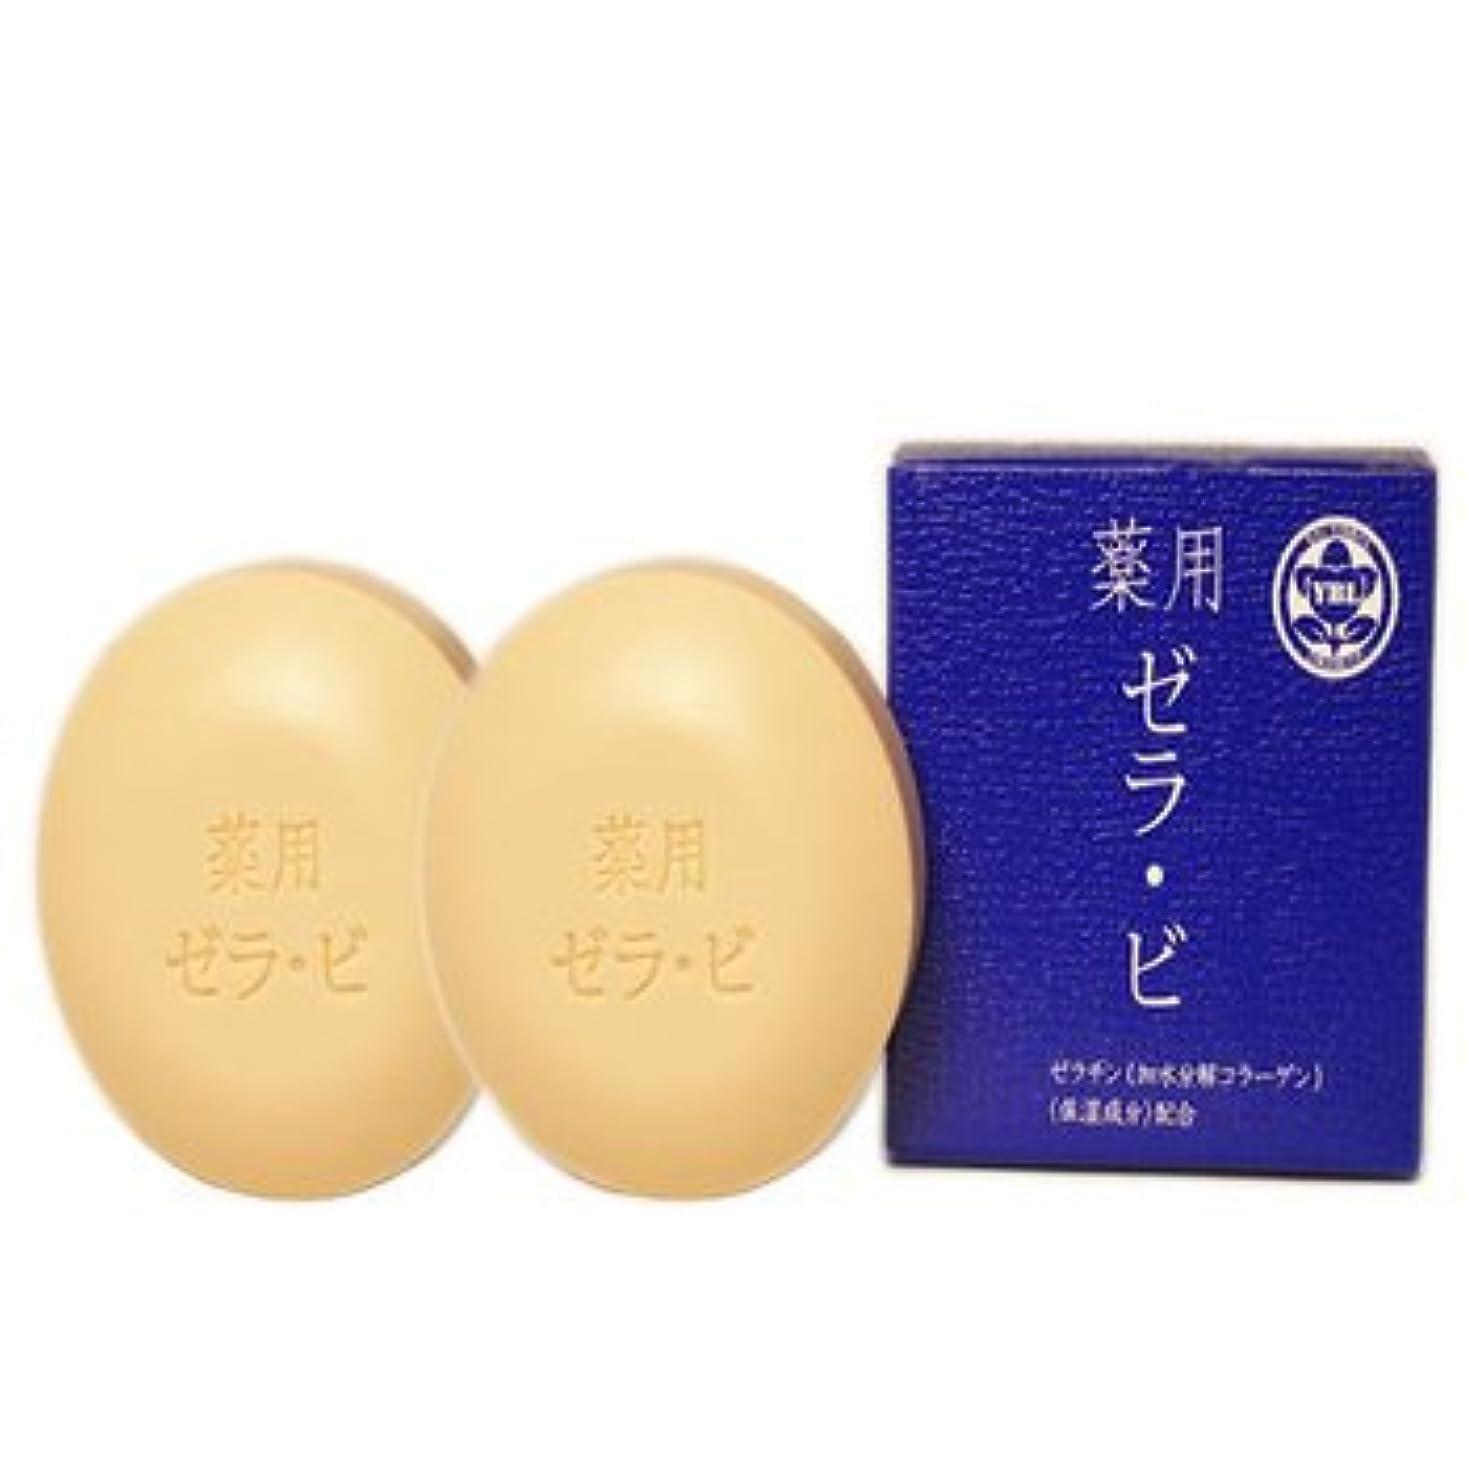 居間振る舞うむさぼり食う薬用ゼラビ90g×2個セット【医薬部外品】